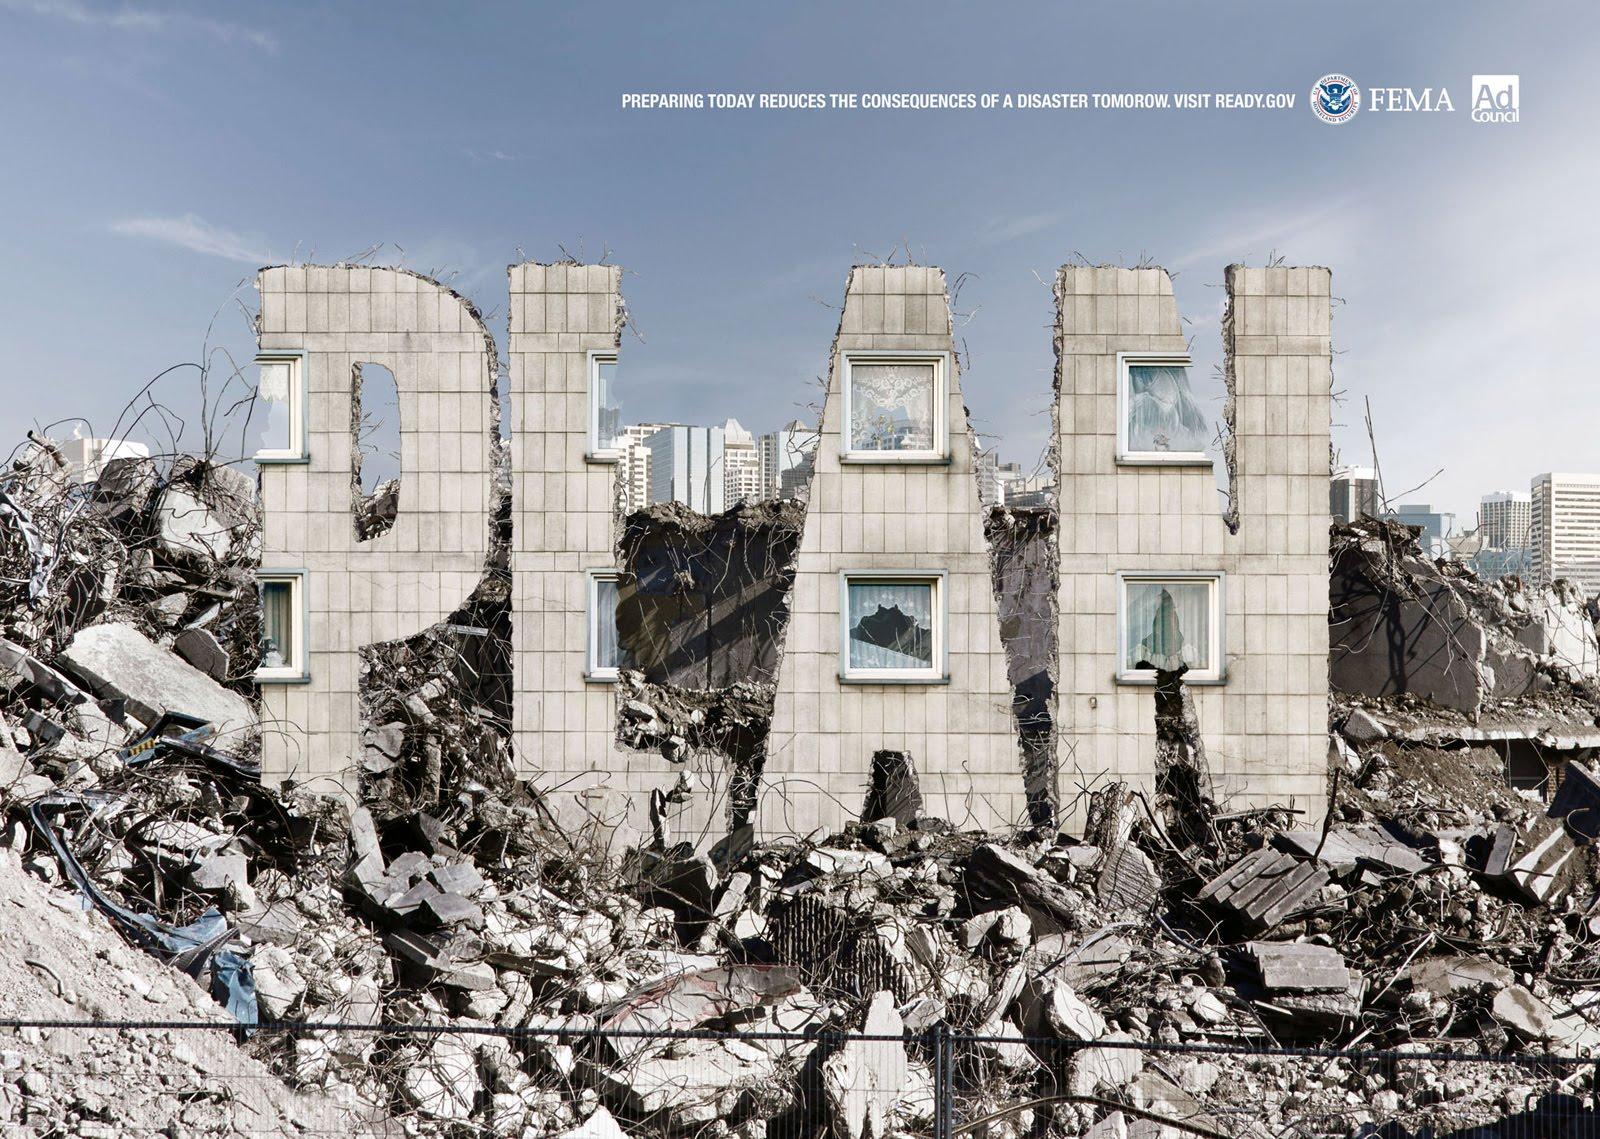 http://4.bp.blogspot.com/__XCWUd8FFjQ/TOvS4RDJ39I/AAAAAAAAL3A/r4eWswufpvs/s1600/FEMA-terrorist.jpg